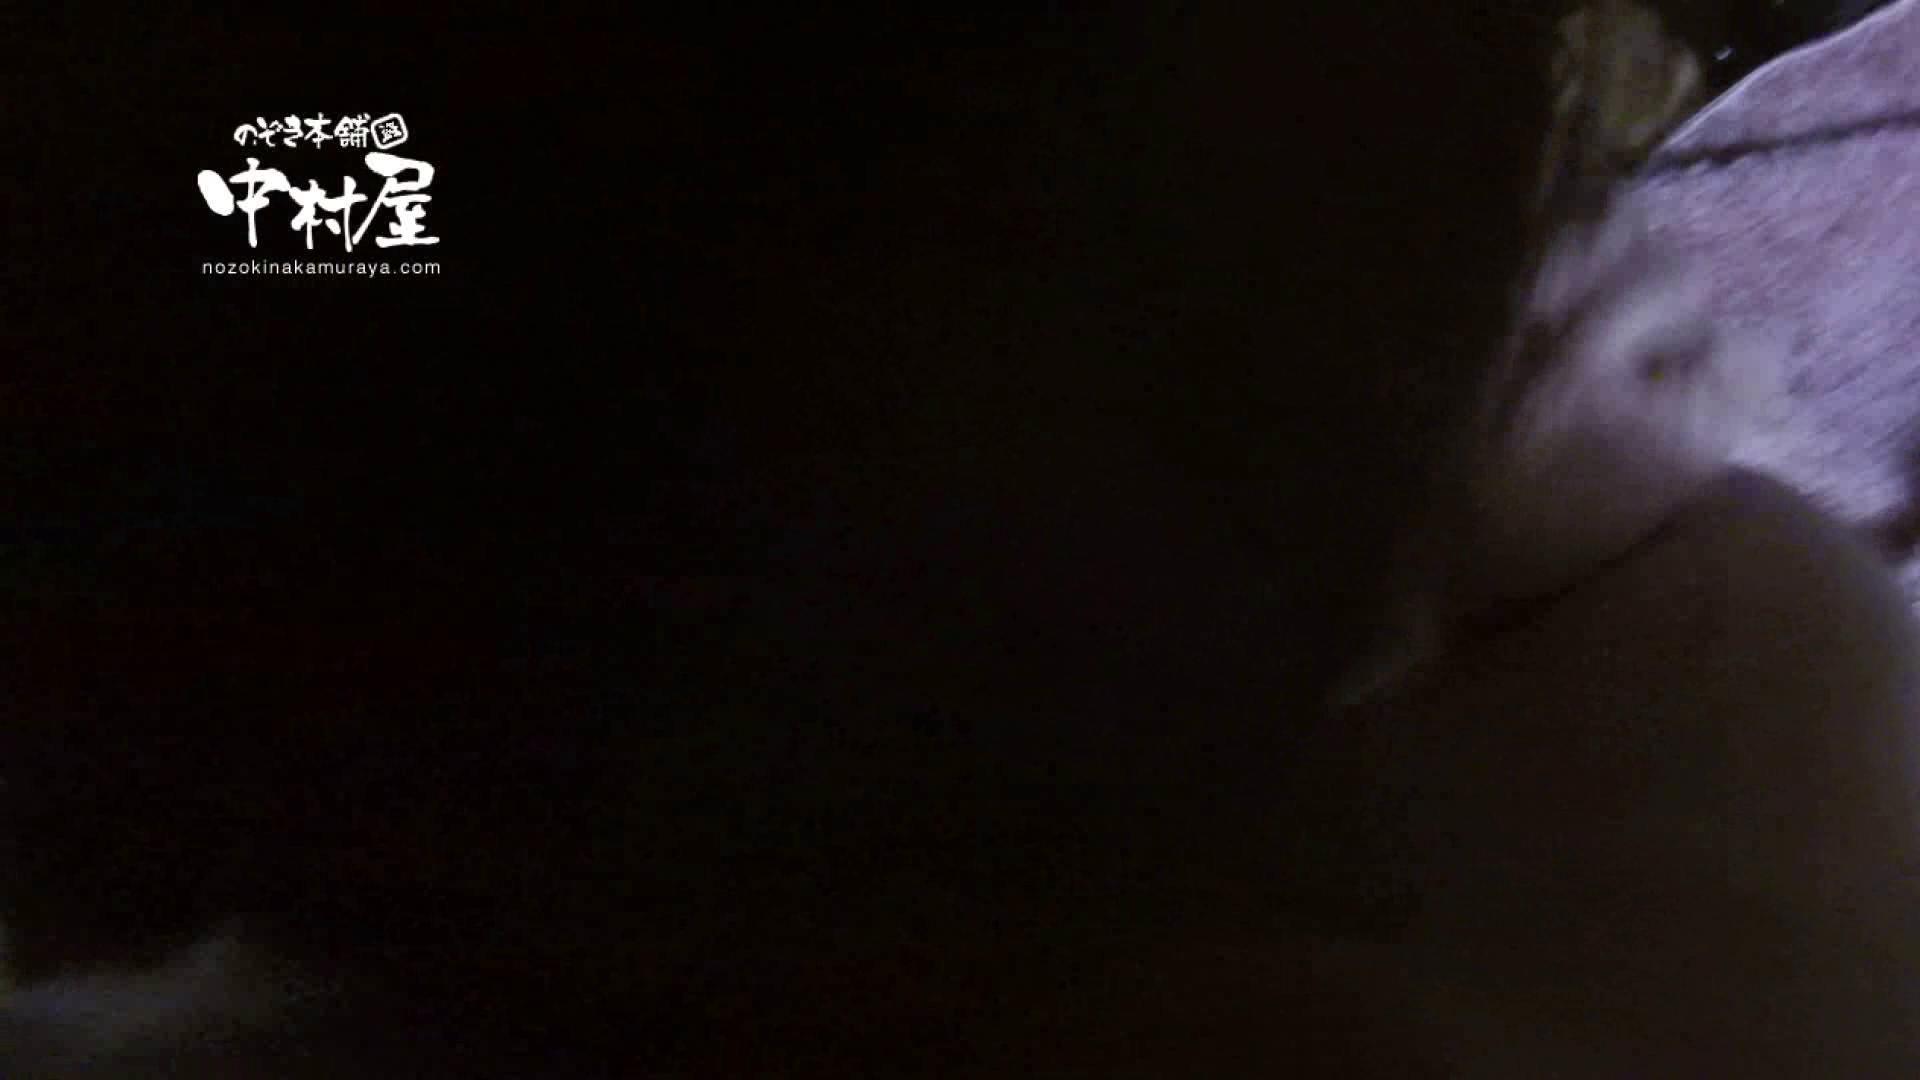 鬼畜 vol.10 あぁ無情…中出しパイパン! 前編 中出し AV無料動画キャプチャ 102枚 2